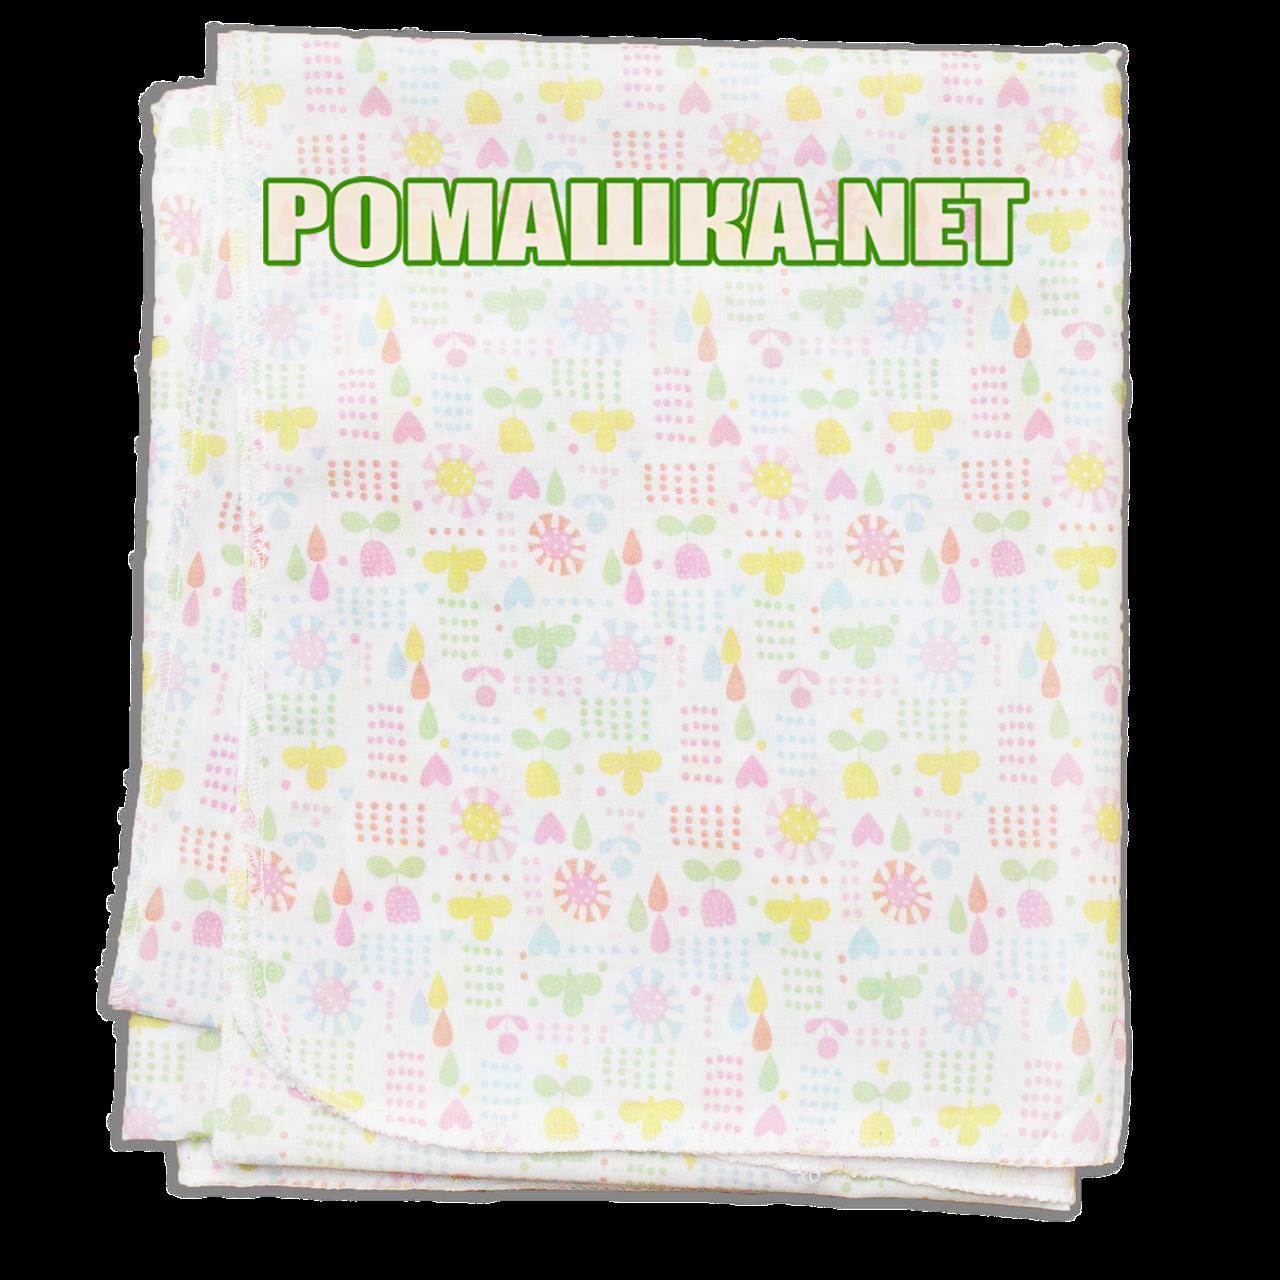 Белая детская фланелевая пелёнка 110х90 см (фланель, байковая, байка) теплая для пеленания 3264 Желтый - Детский интернет-магазин «Ромашка» в Киеве